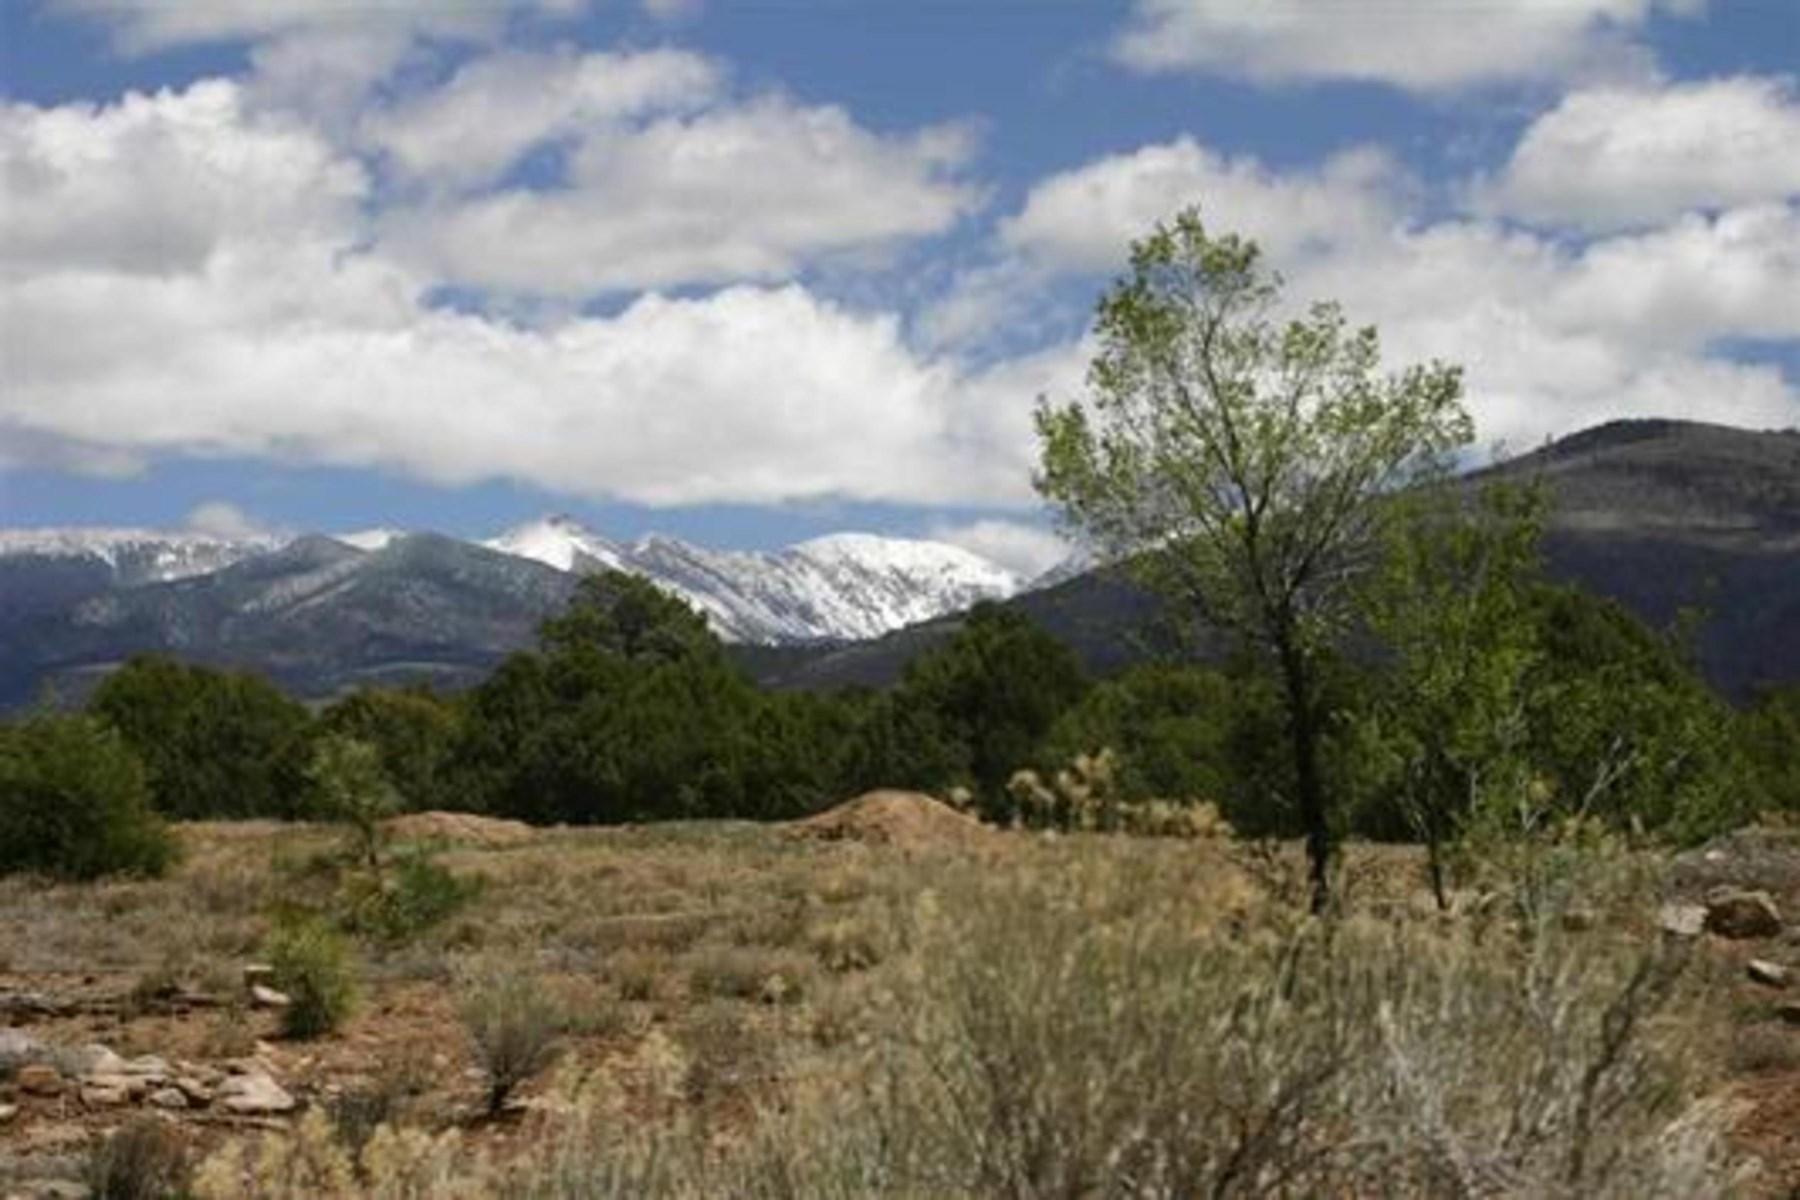 Đất đai vì Bán tại Tract D,E,F Truchas, New Mexico, 87578 Hoa Kỳ